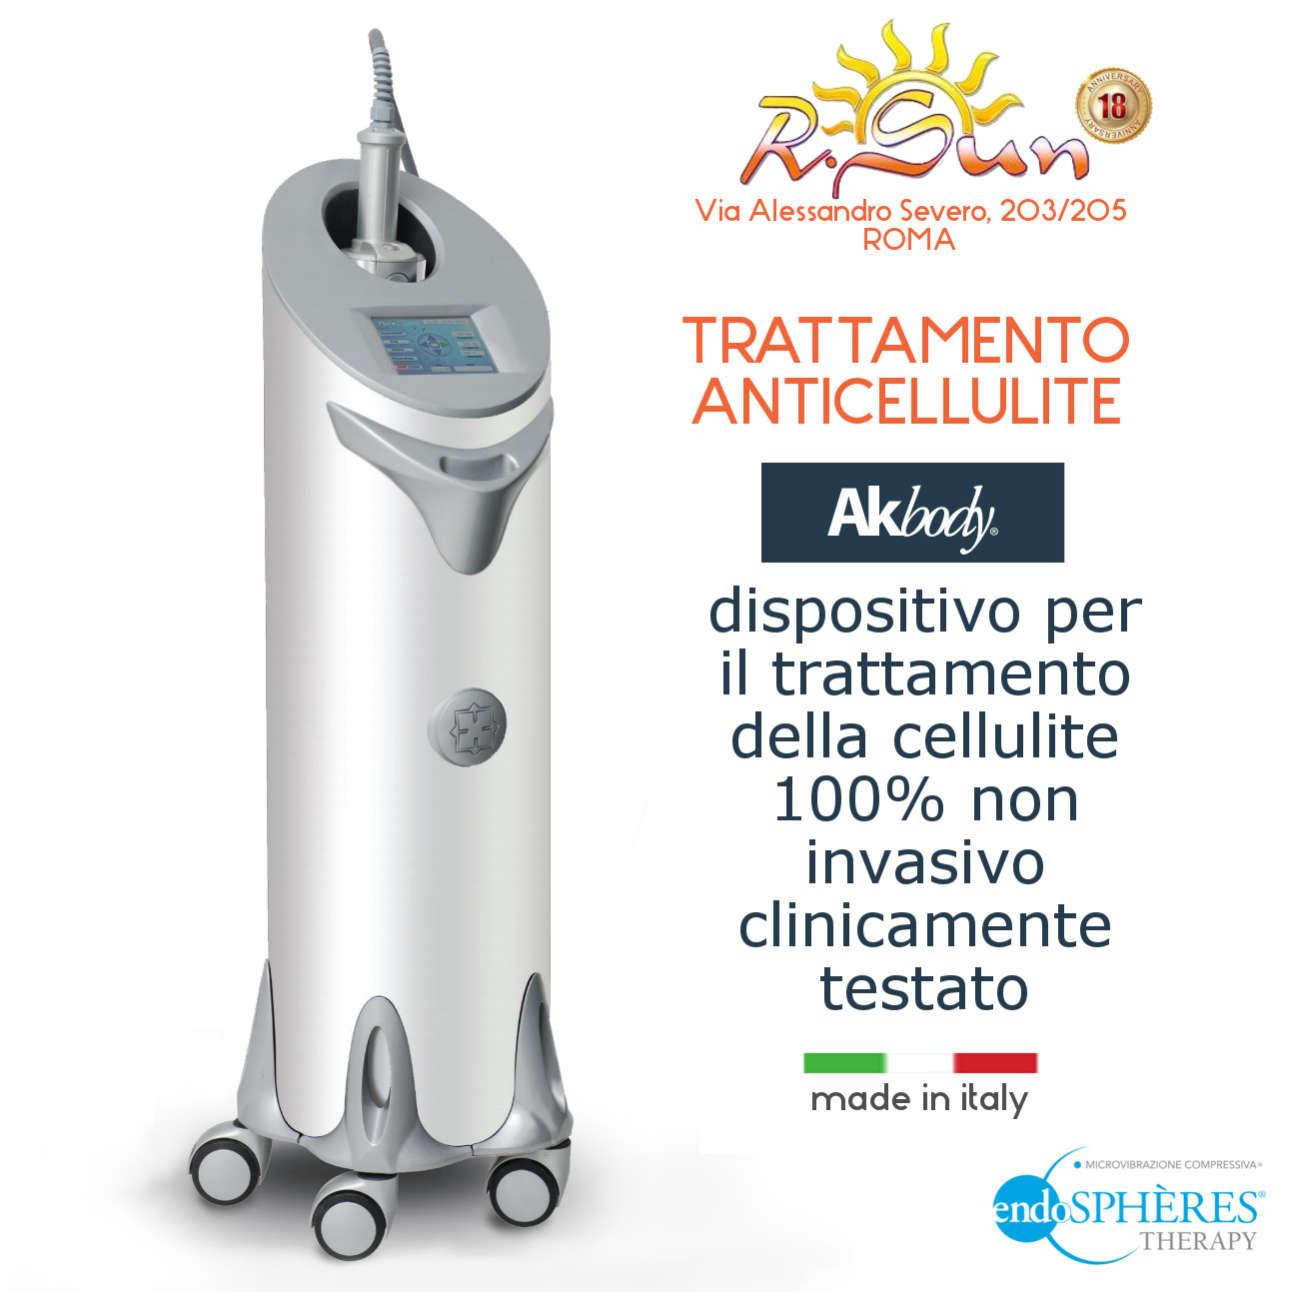 R.Sun-Centro-Estetico-trattamenti-anti-cellulite-AK-body